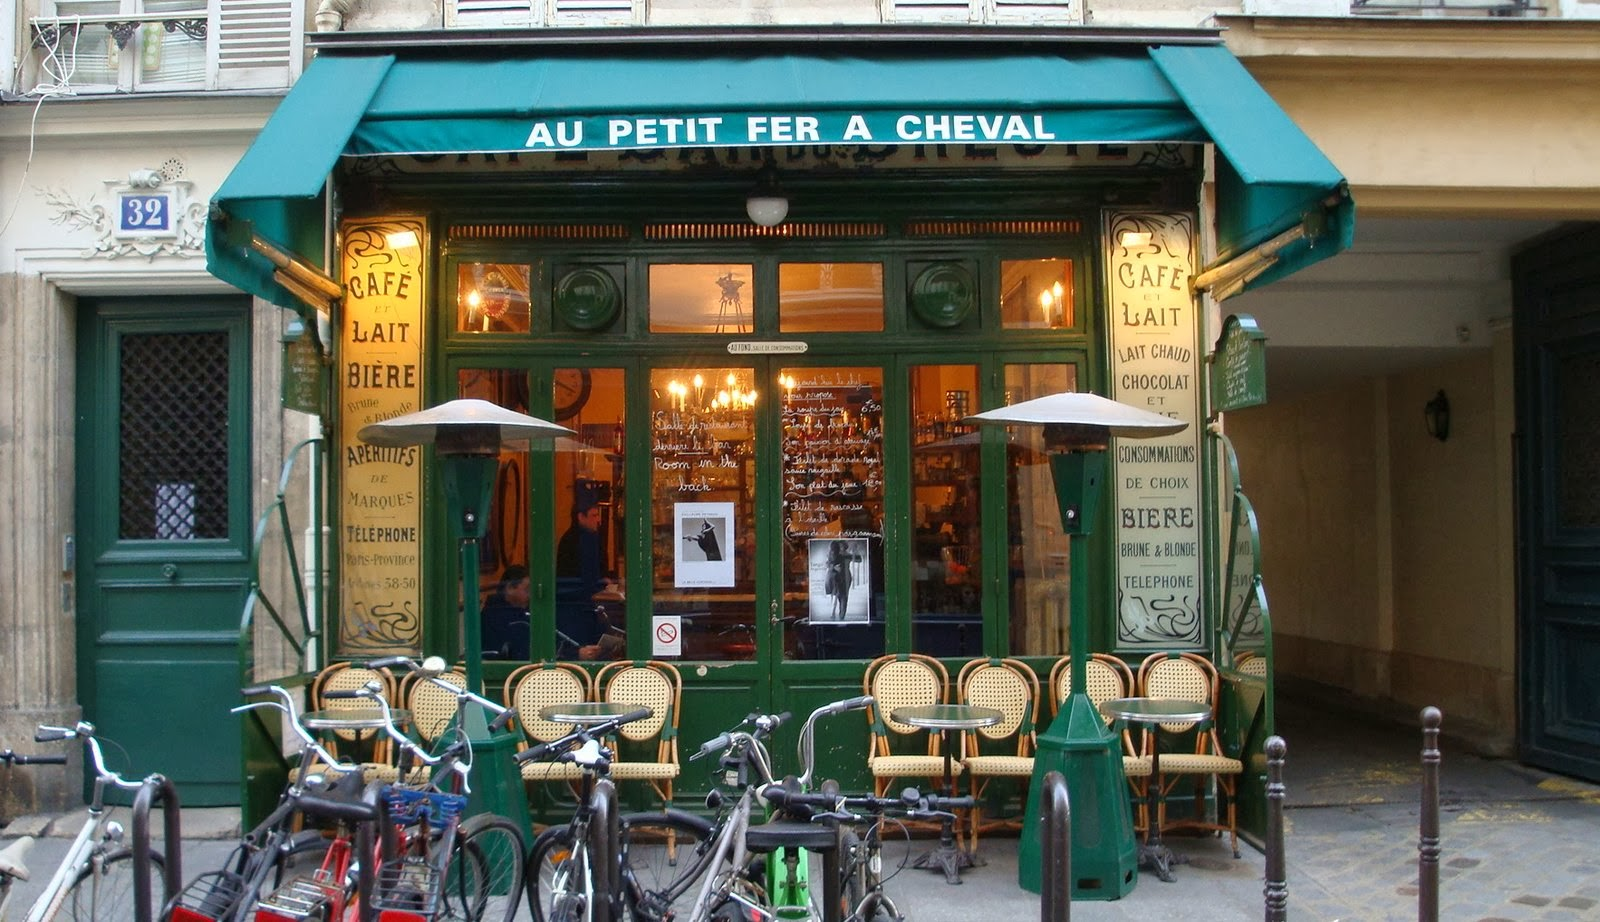 Le Charbon Caf Ef Bf Bd Paris